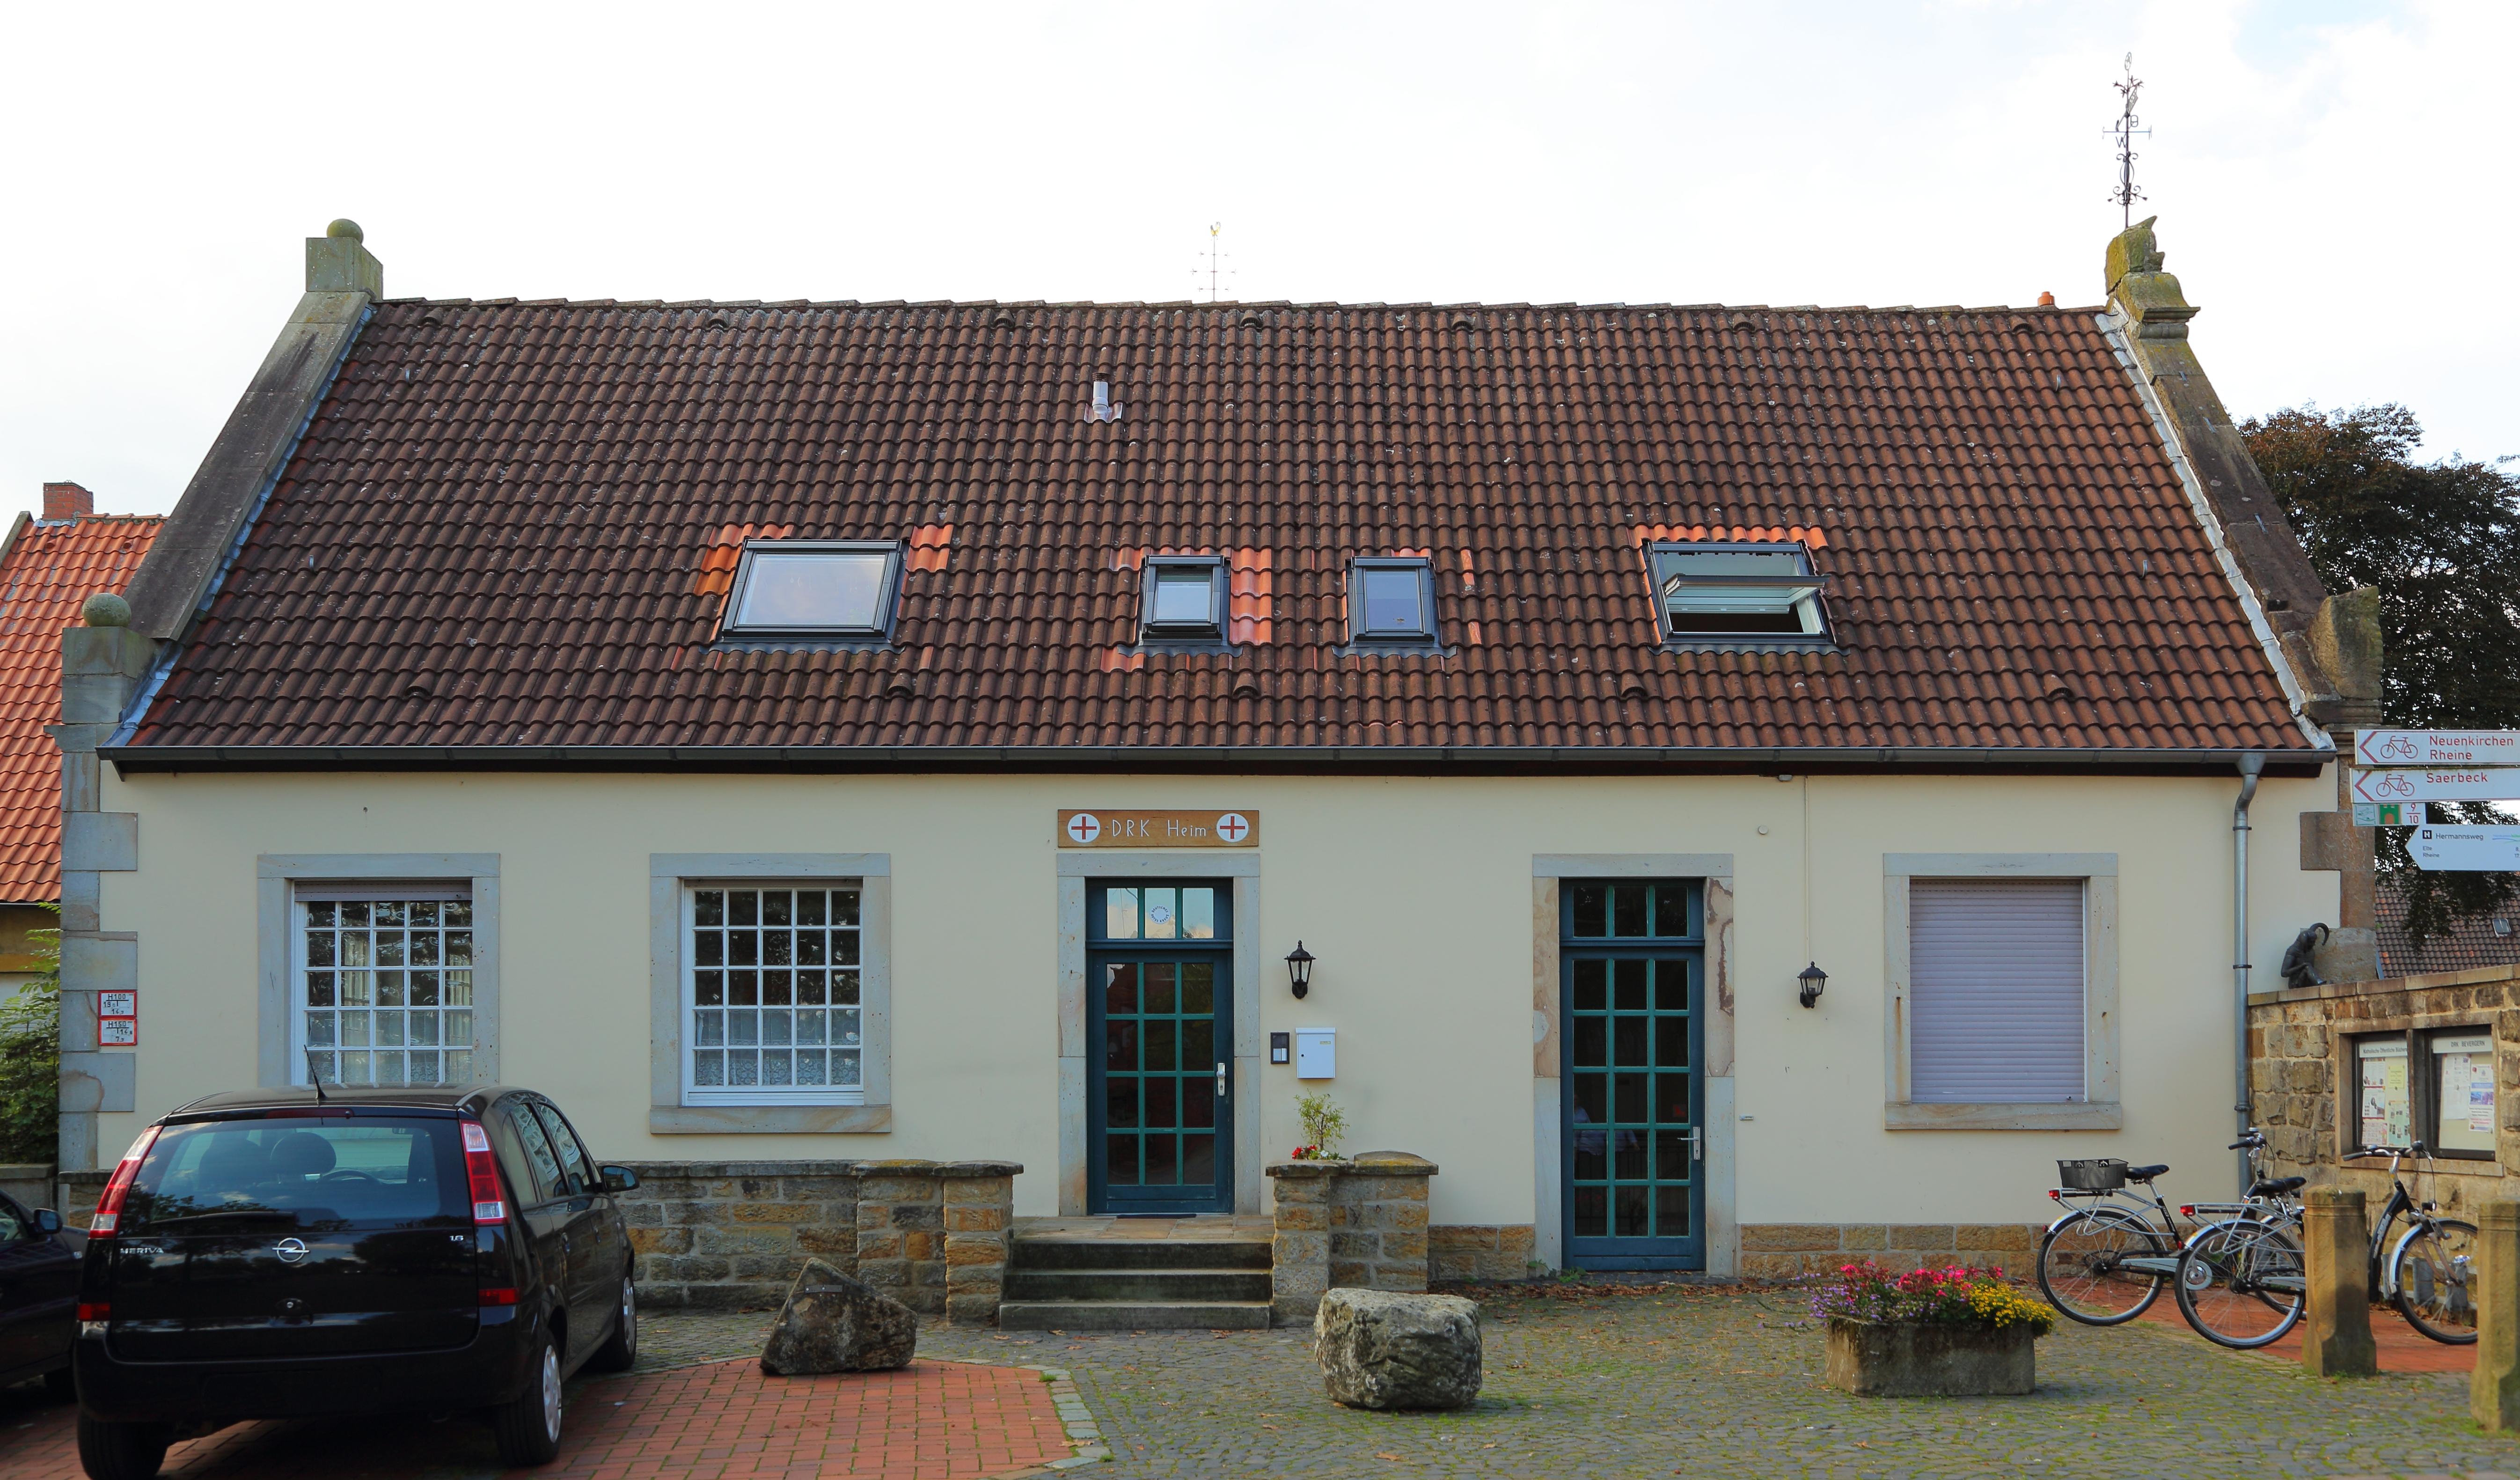 Unglaublich Garage Am Haus Foto Von File:bevergern Markt 8 02.jpg